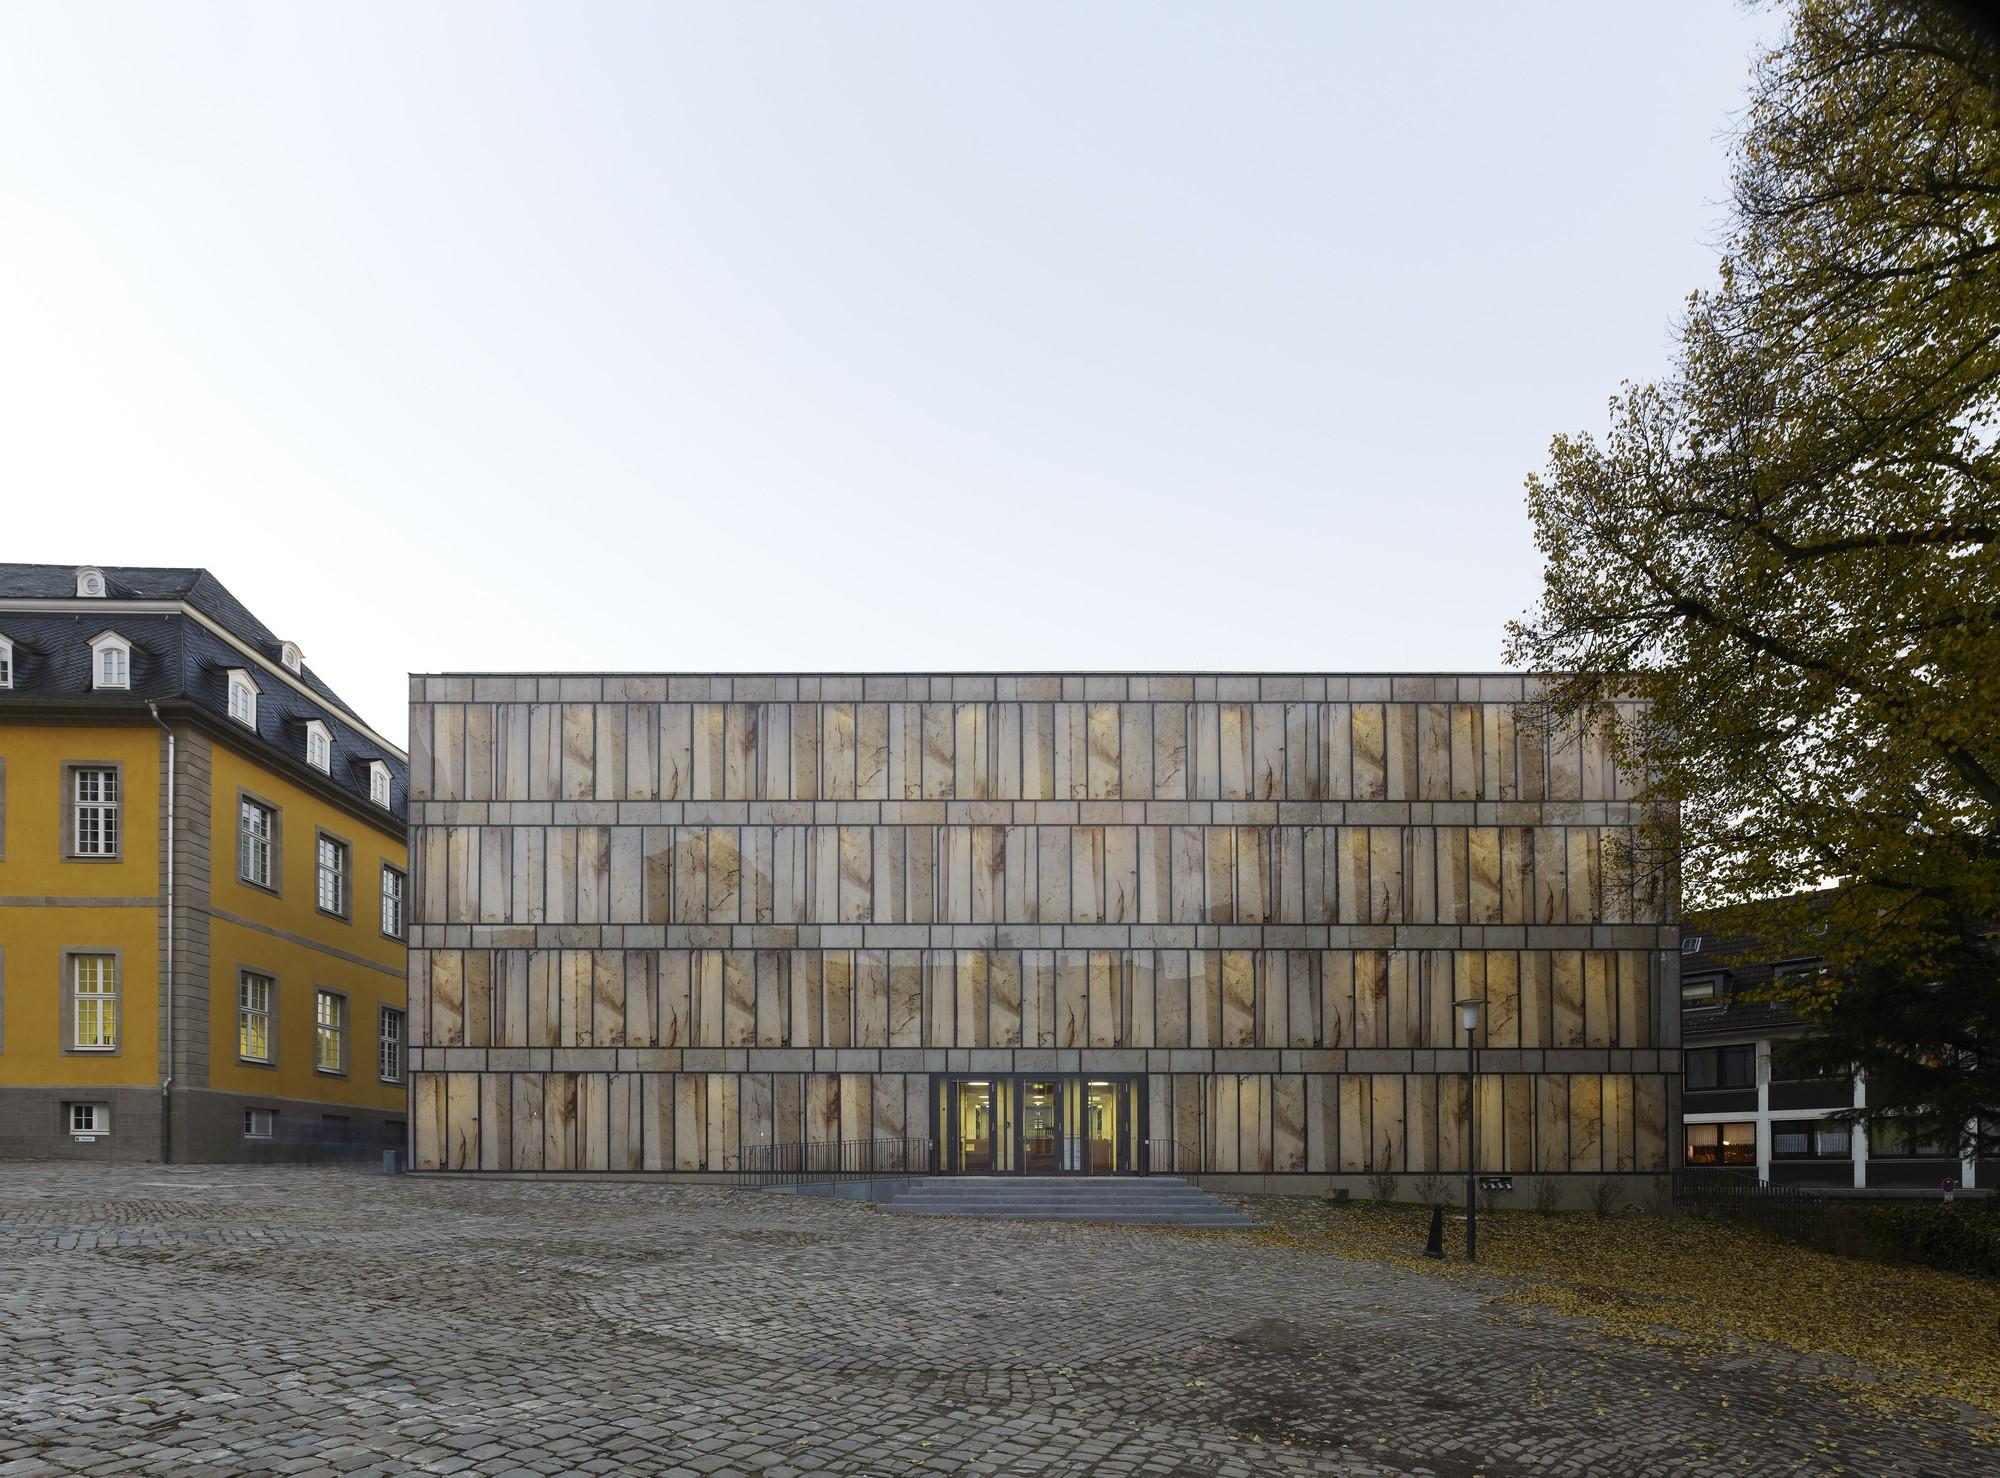 Landscape Architecture Design Public Spaces Building